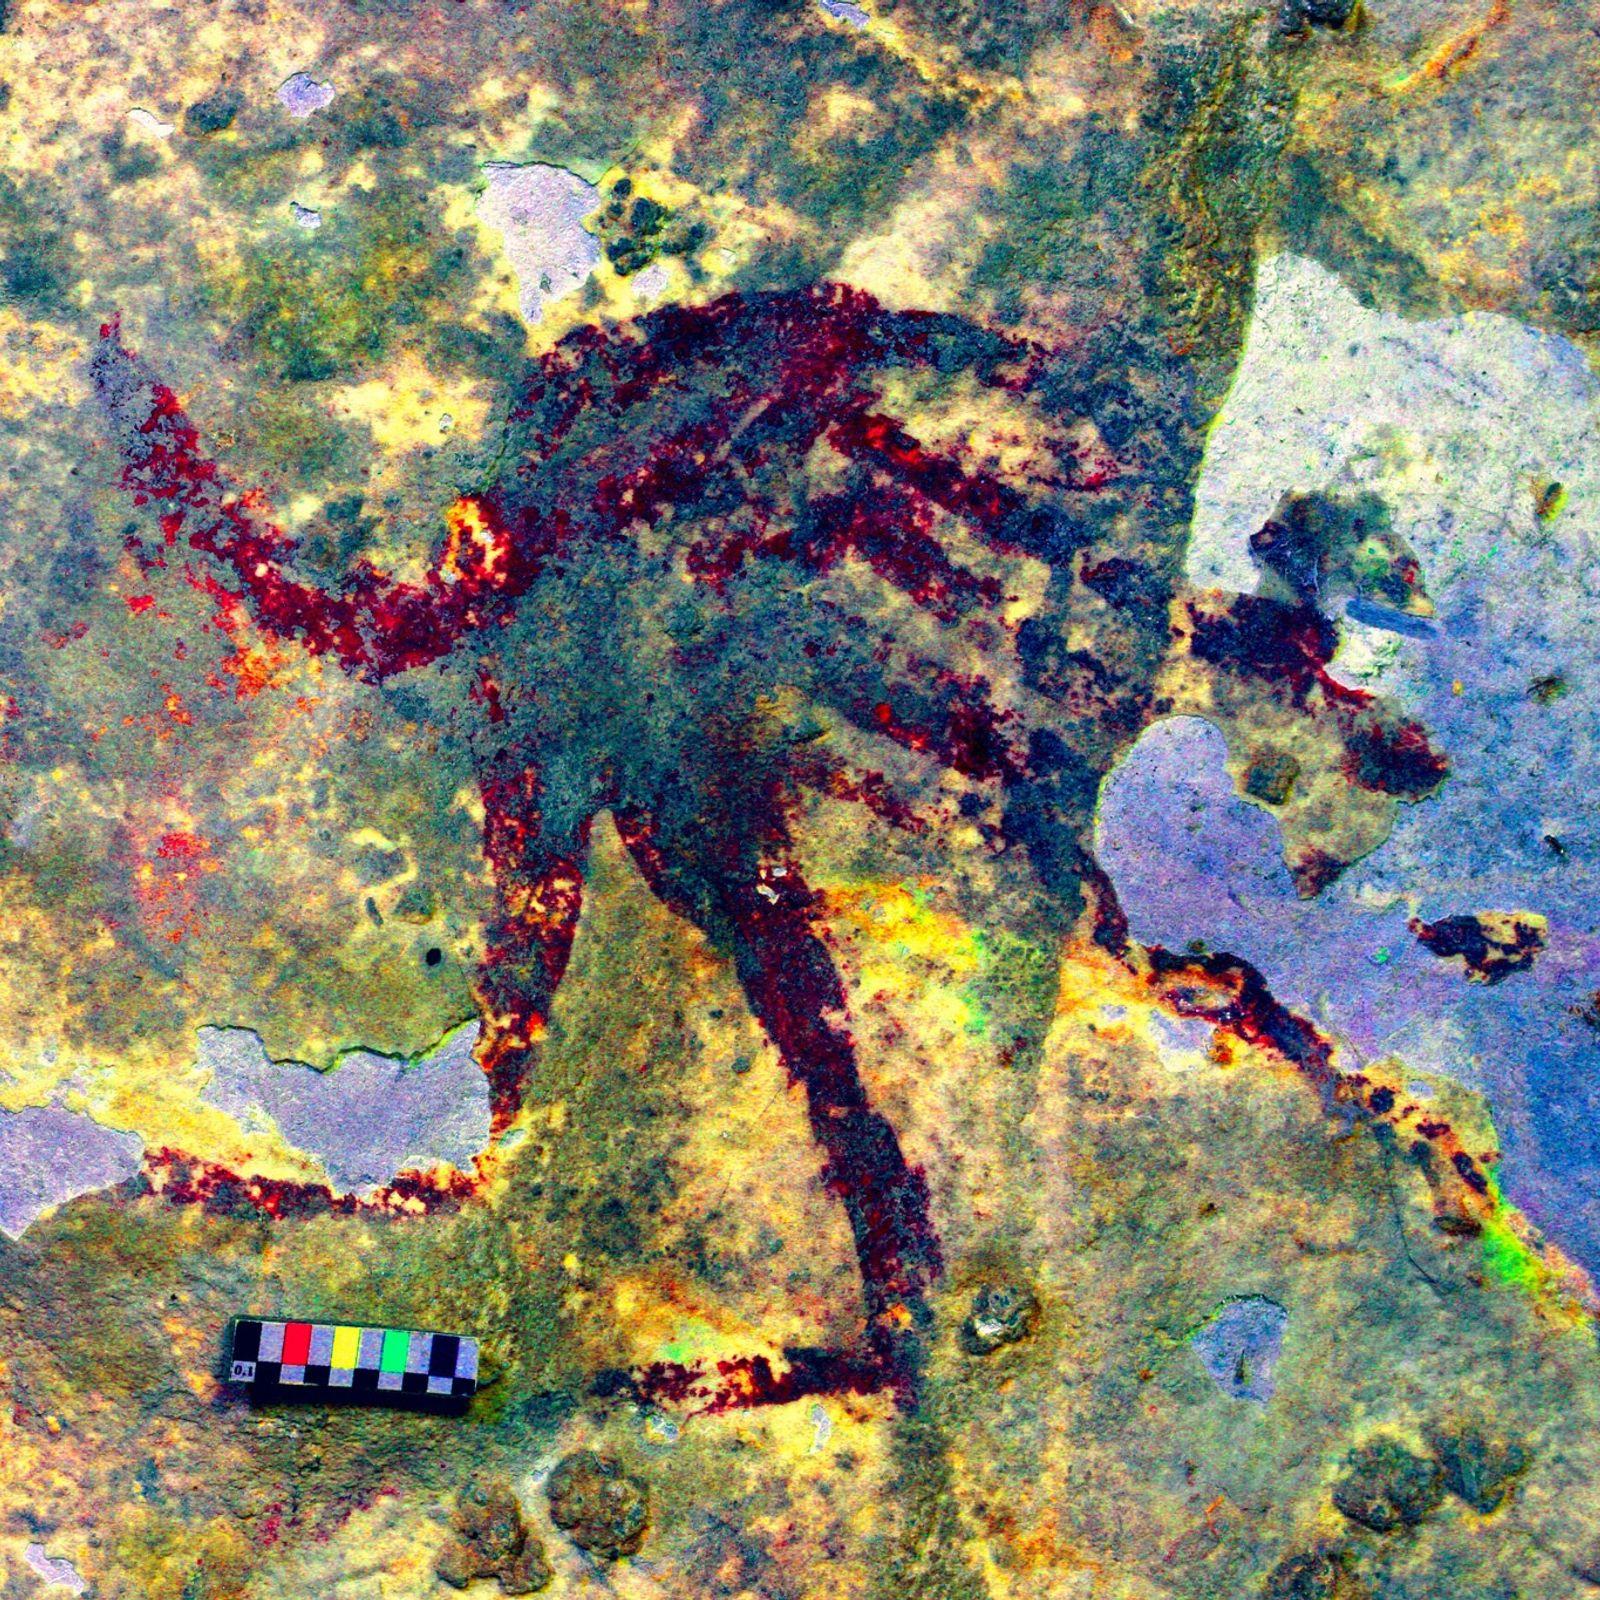 Nas paredes de uma caverna no sul de Sulawesi, uma figura humanoide de aproximadamente 12,7 centímetros ...